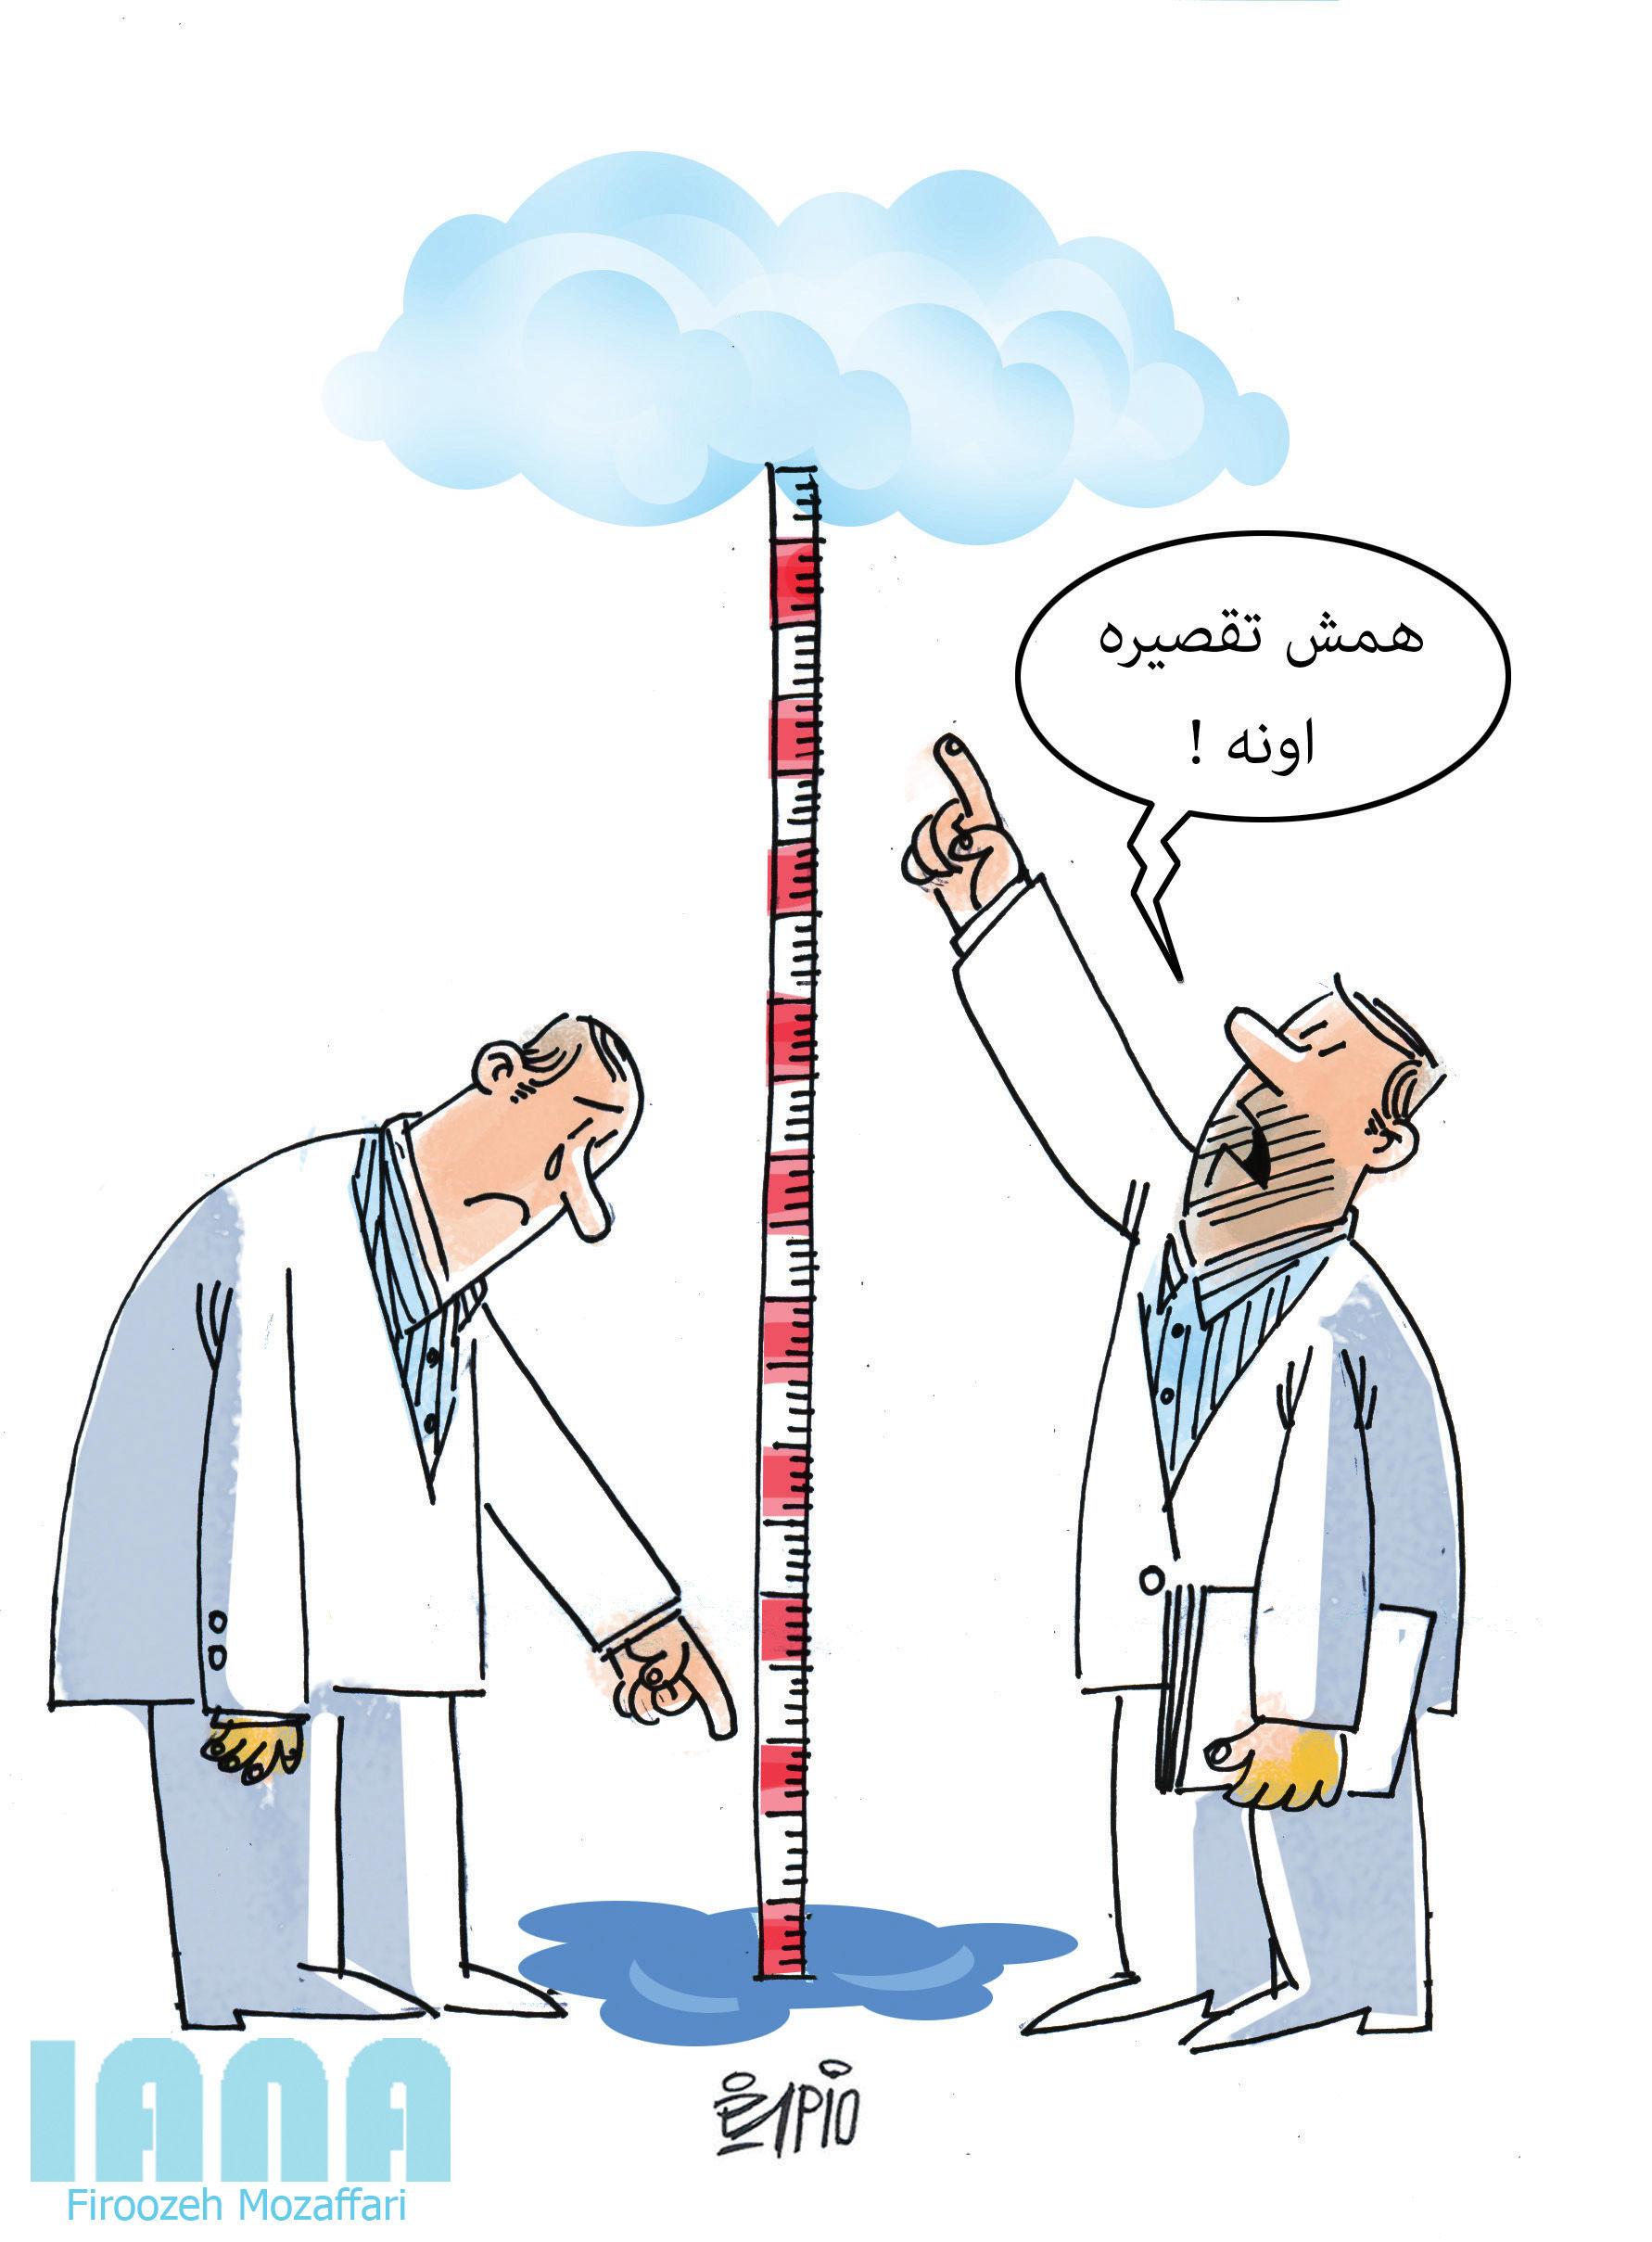 جای خالی باران -کارتون فیروزه مظفری